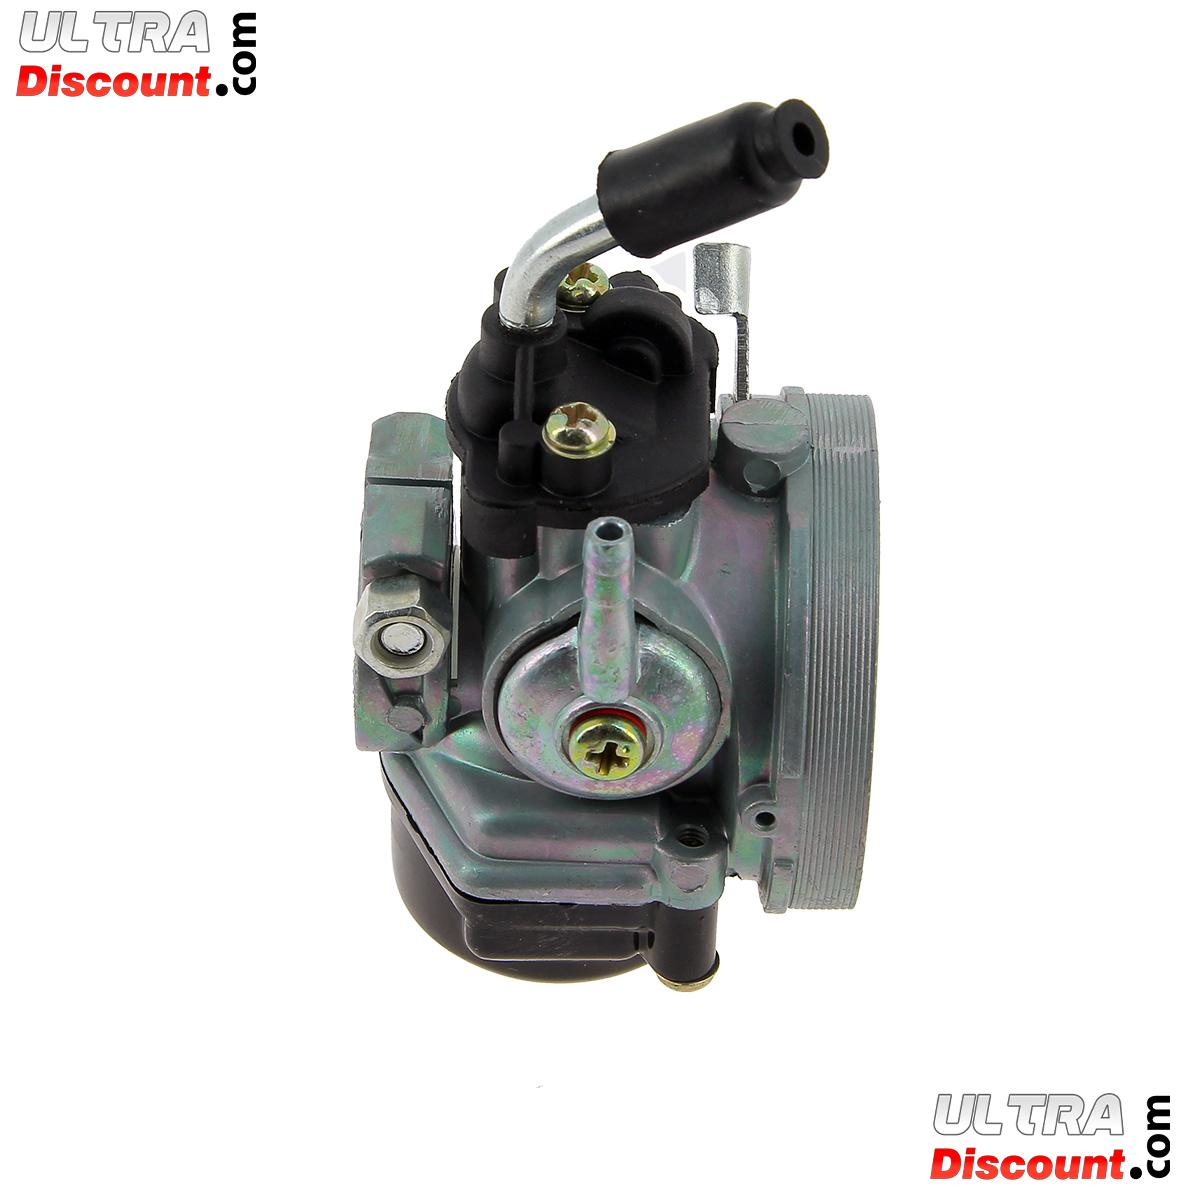 carburateur 15 mm pour pocket quads pieces pocket quad carburation description ultra. Black Bedroom Furniture Sets. Home Design Ideas